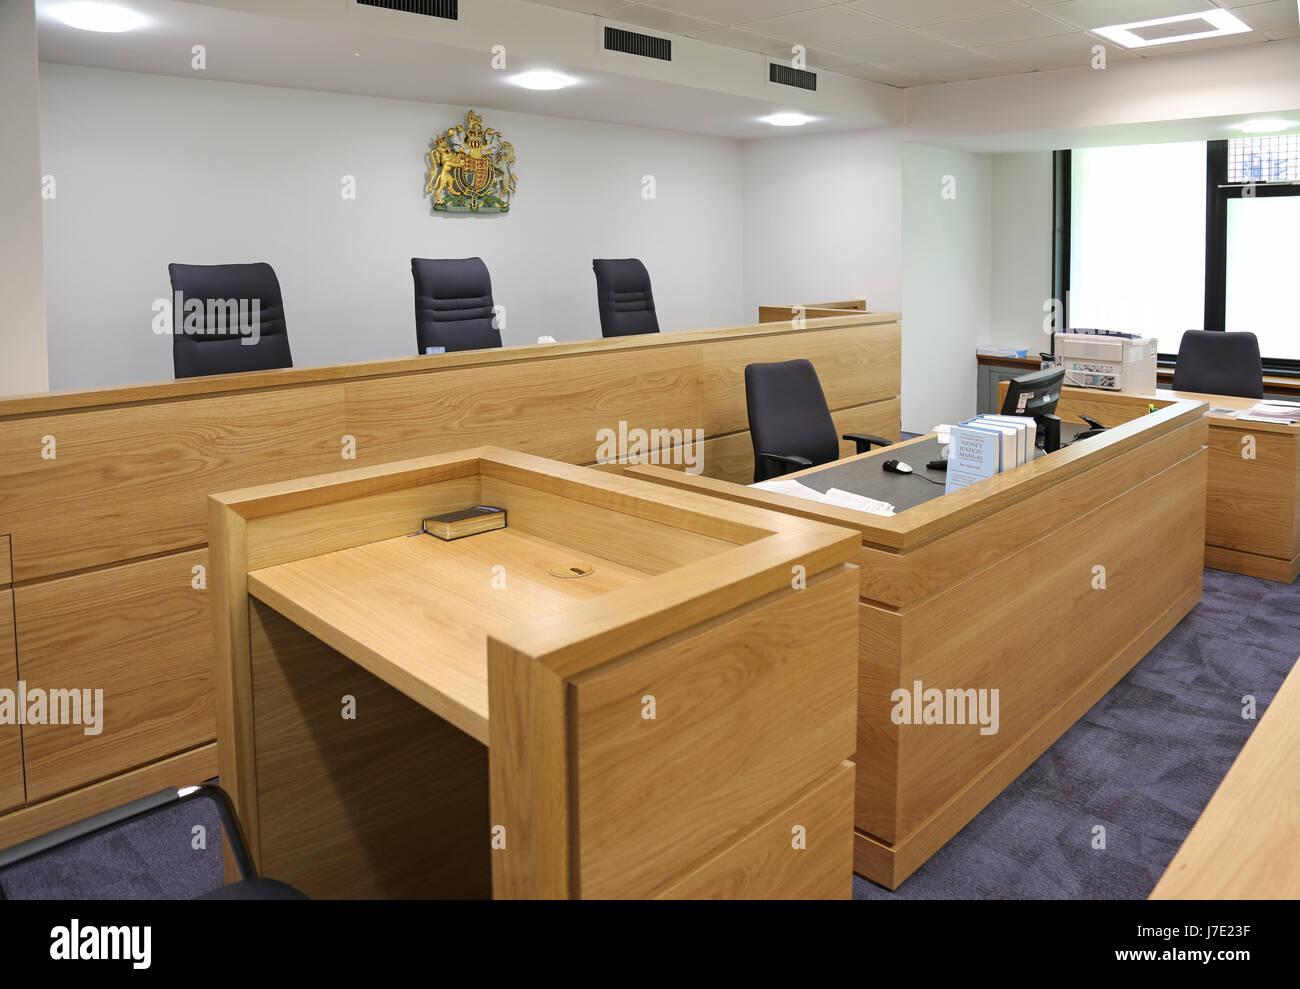 Interieur eines modernen, englischen Gerichtssaal. Zeigt Richter ...